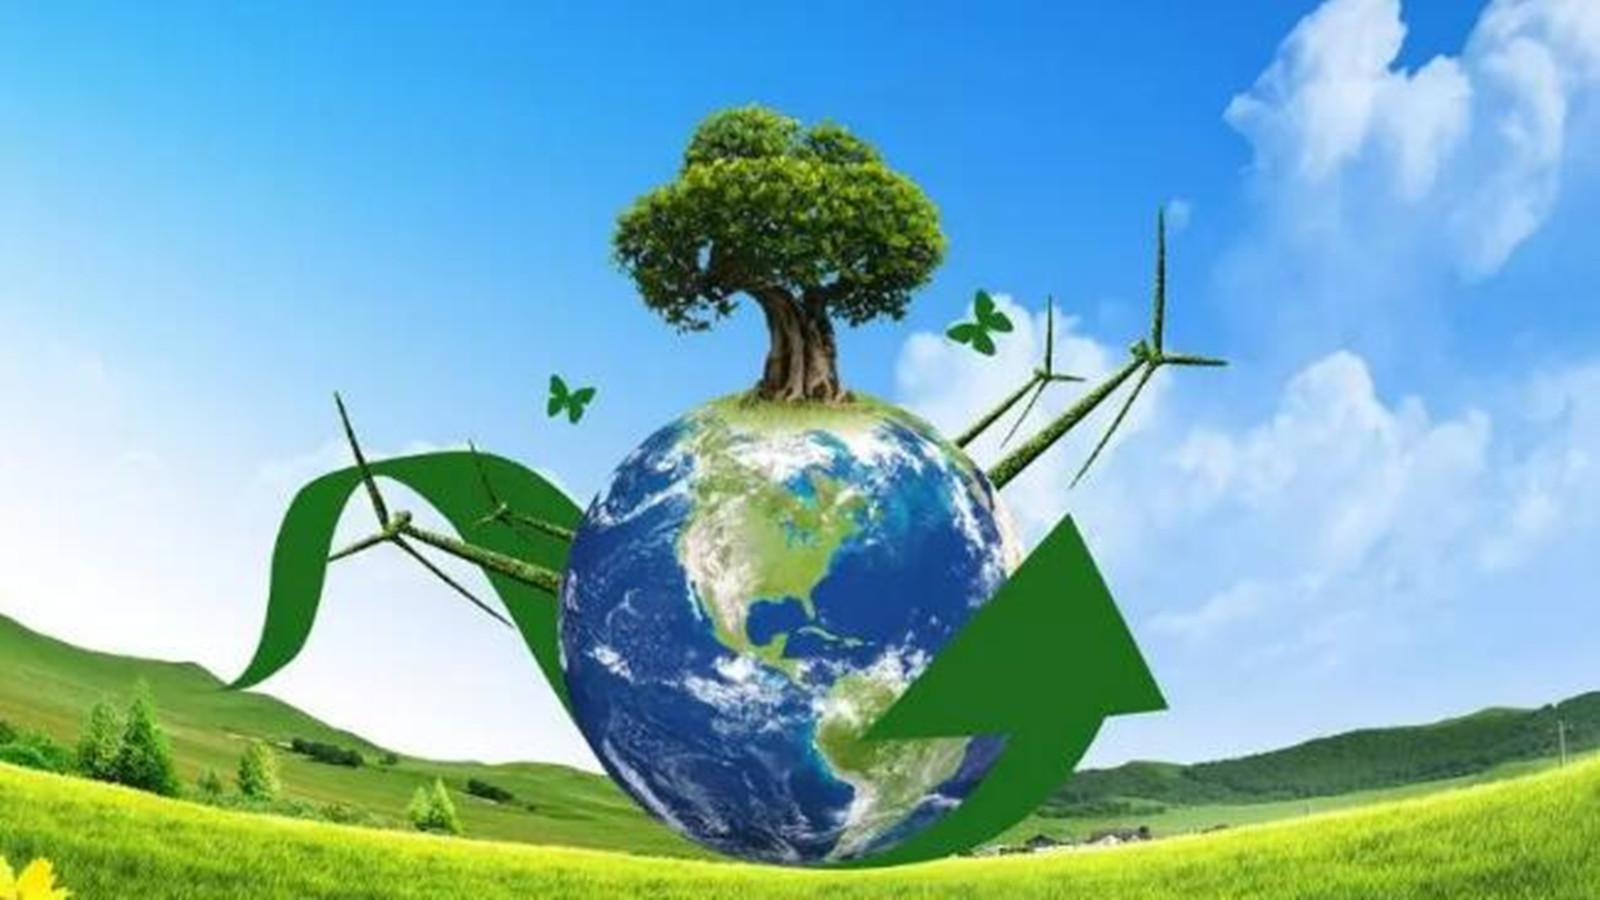 保温材料既节能又环保满足民生的需要